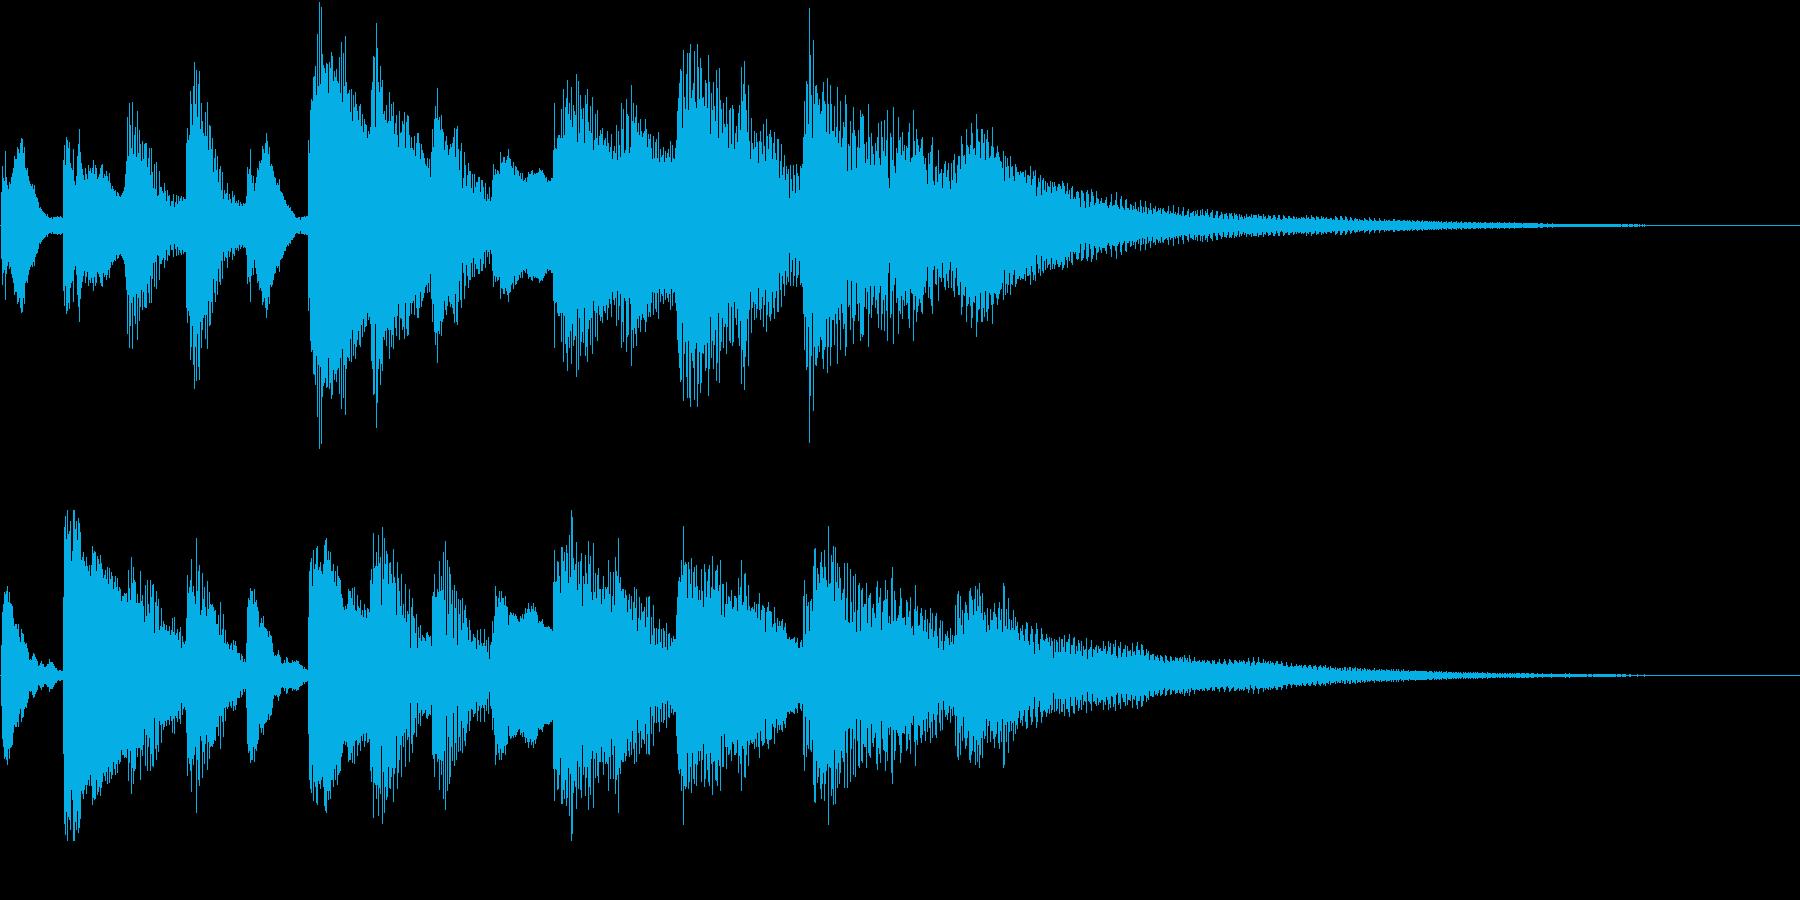 ソナチネの様なピアノのジングル の再生済みの波形